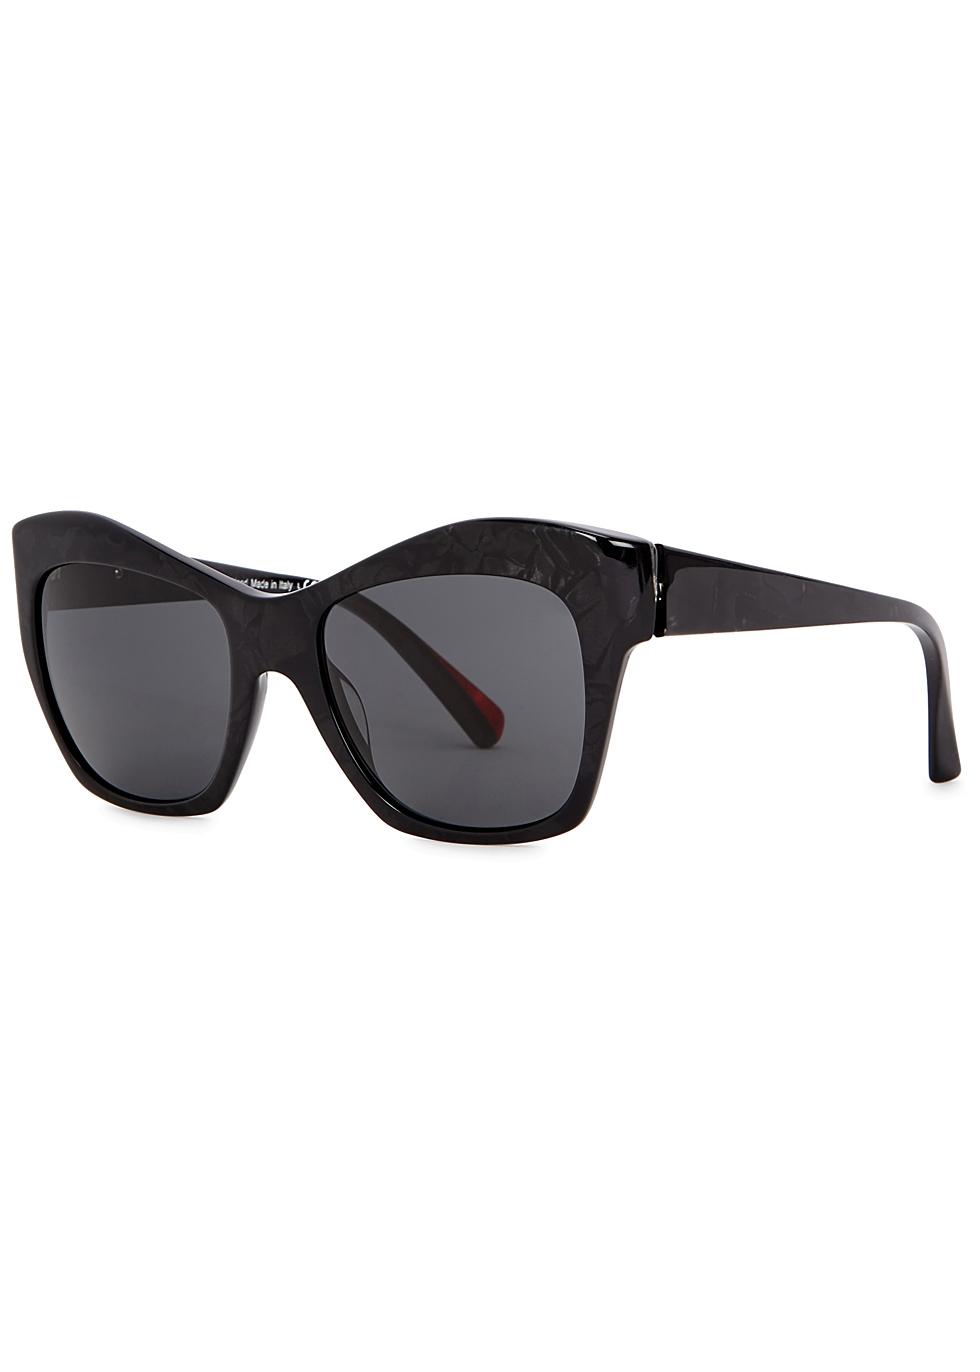 ALAIN MIKLI Nuages Black Marbled Sunglasses